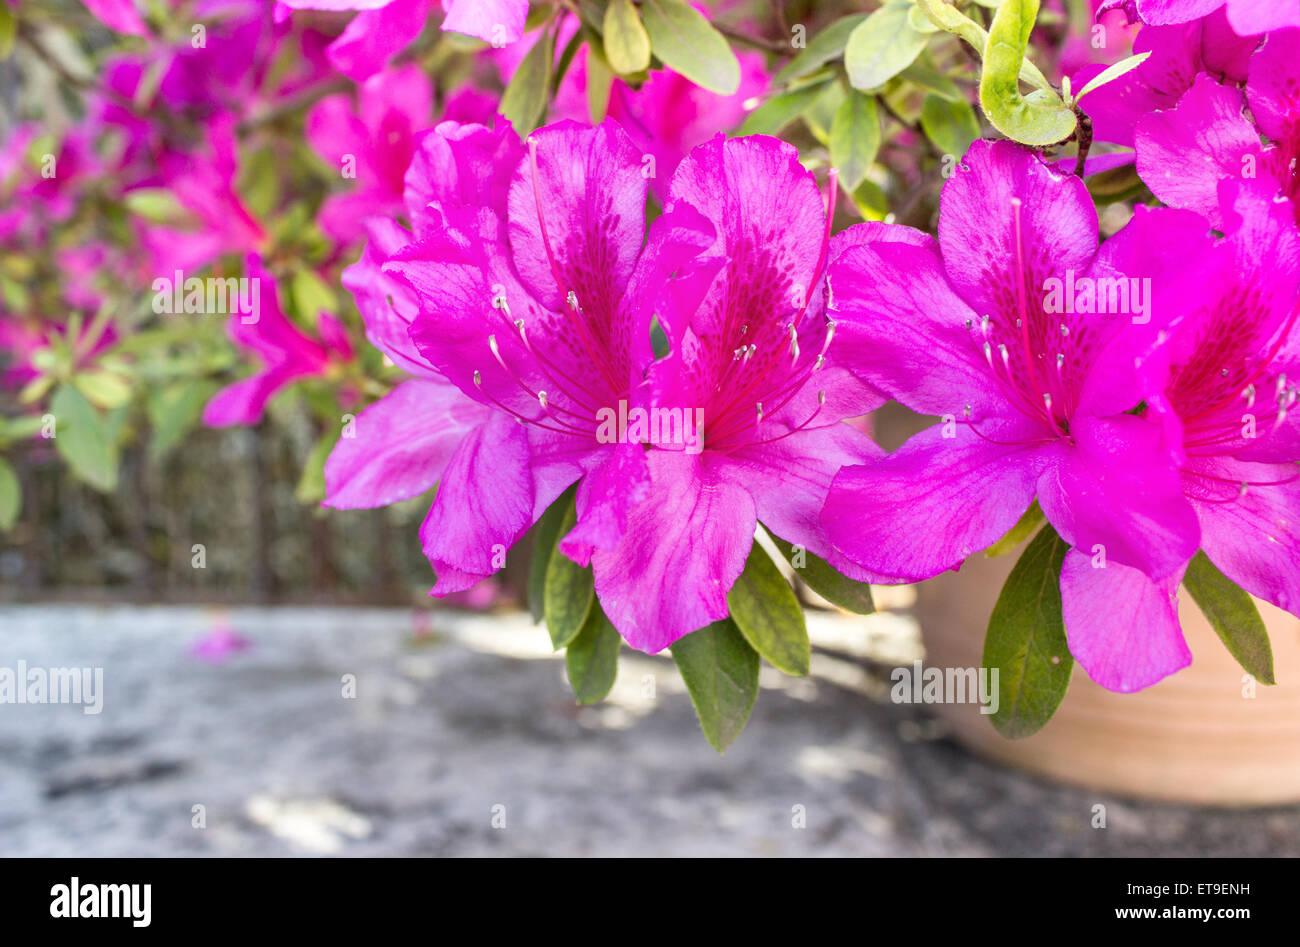 Pink azaleas flowers in a flower pot stock photo 83802365 alamy pink azaleas flowers in a flower pot mightylinksfo